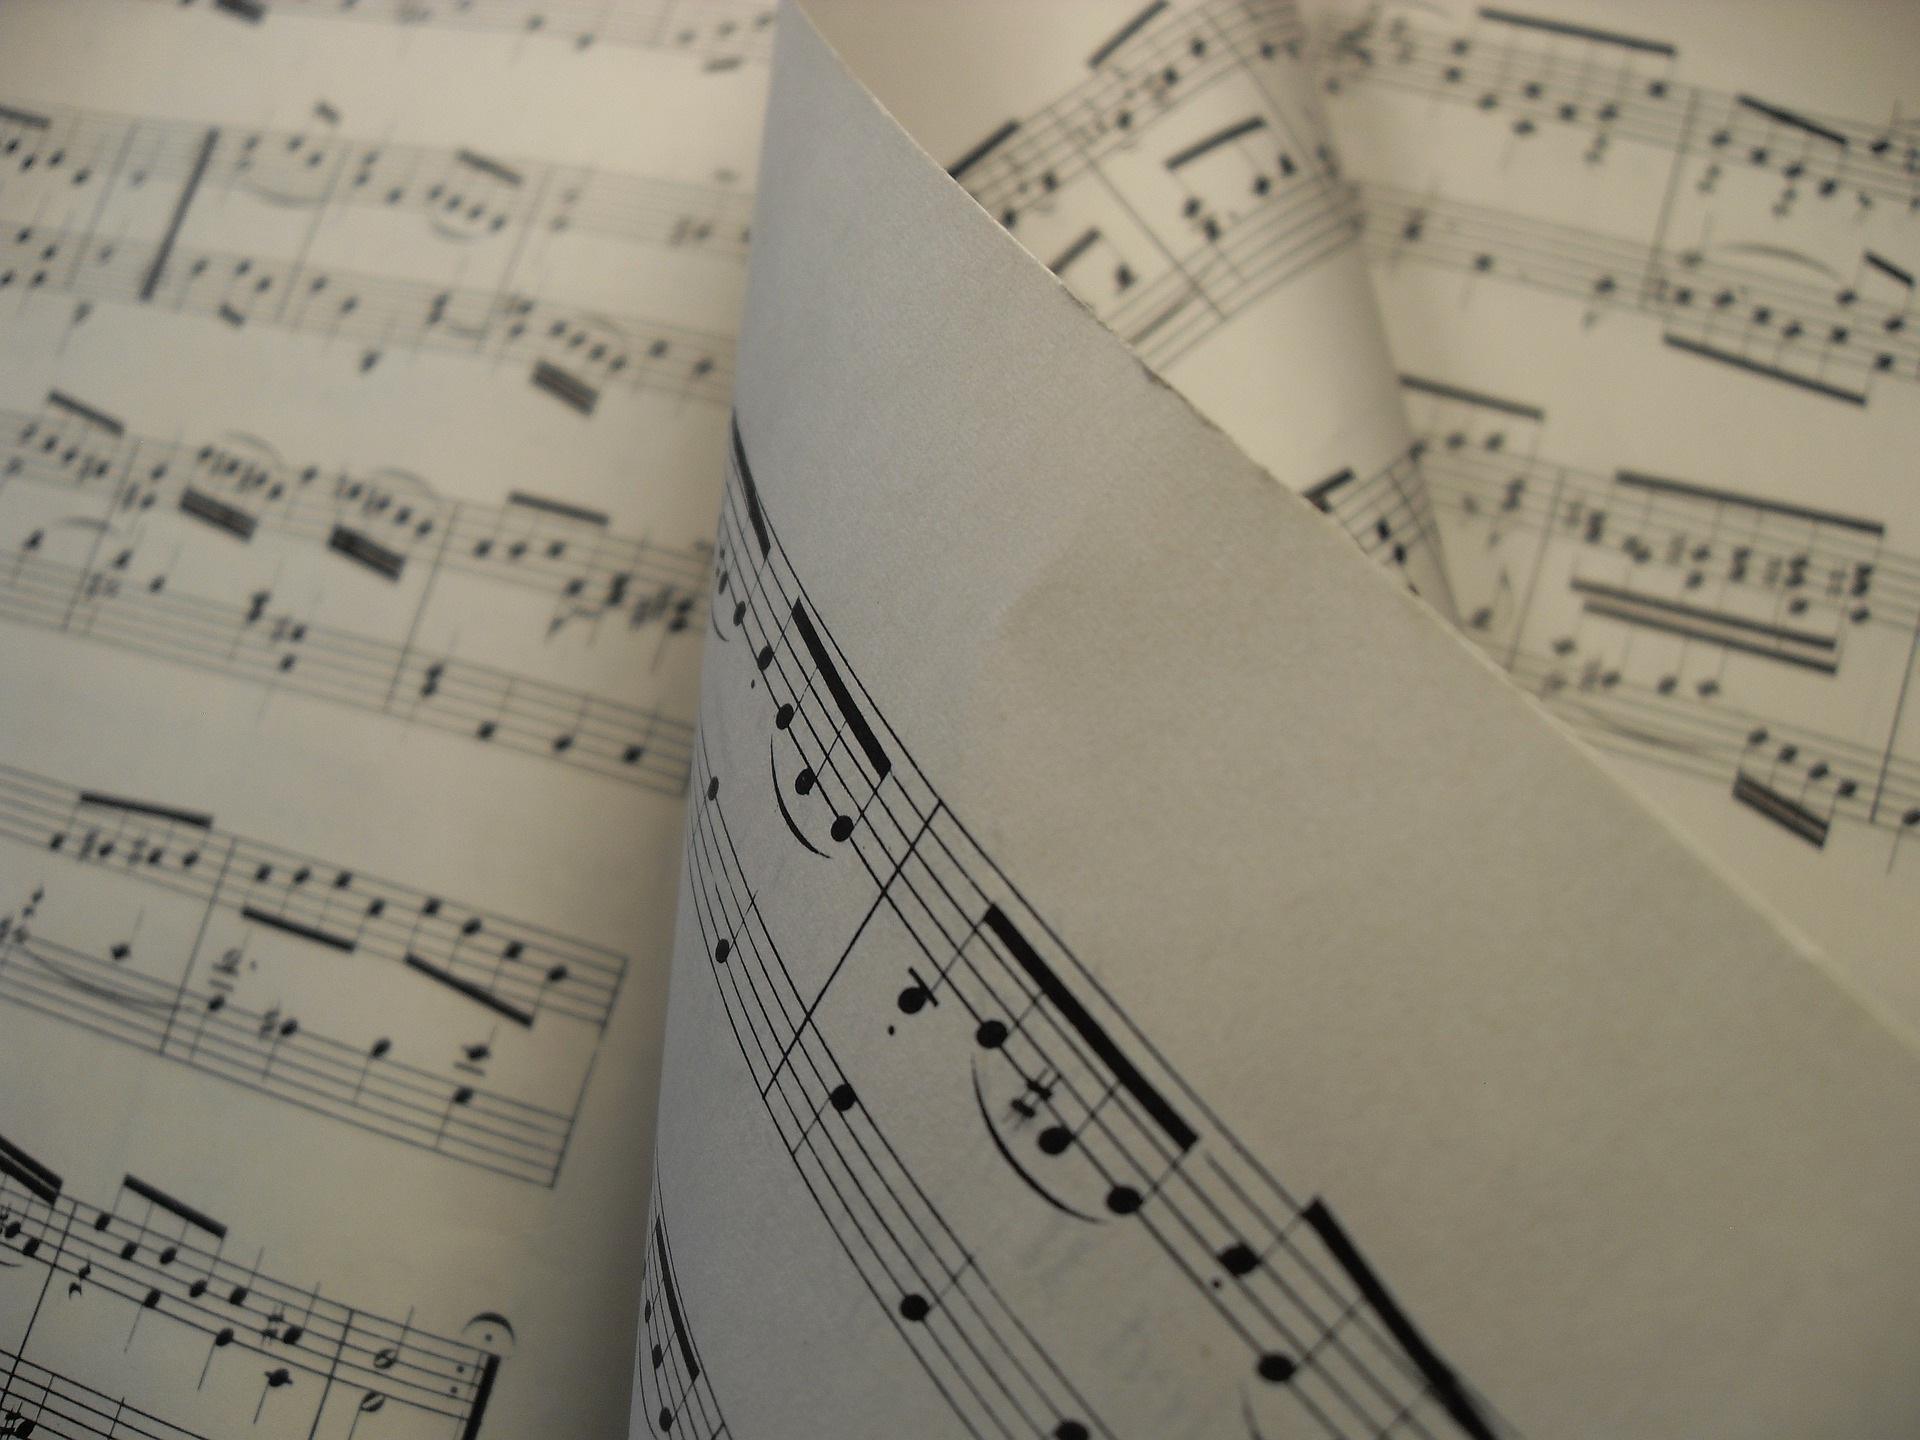 concurs orquestra ok - Alzira Radio notícies d'Alzira